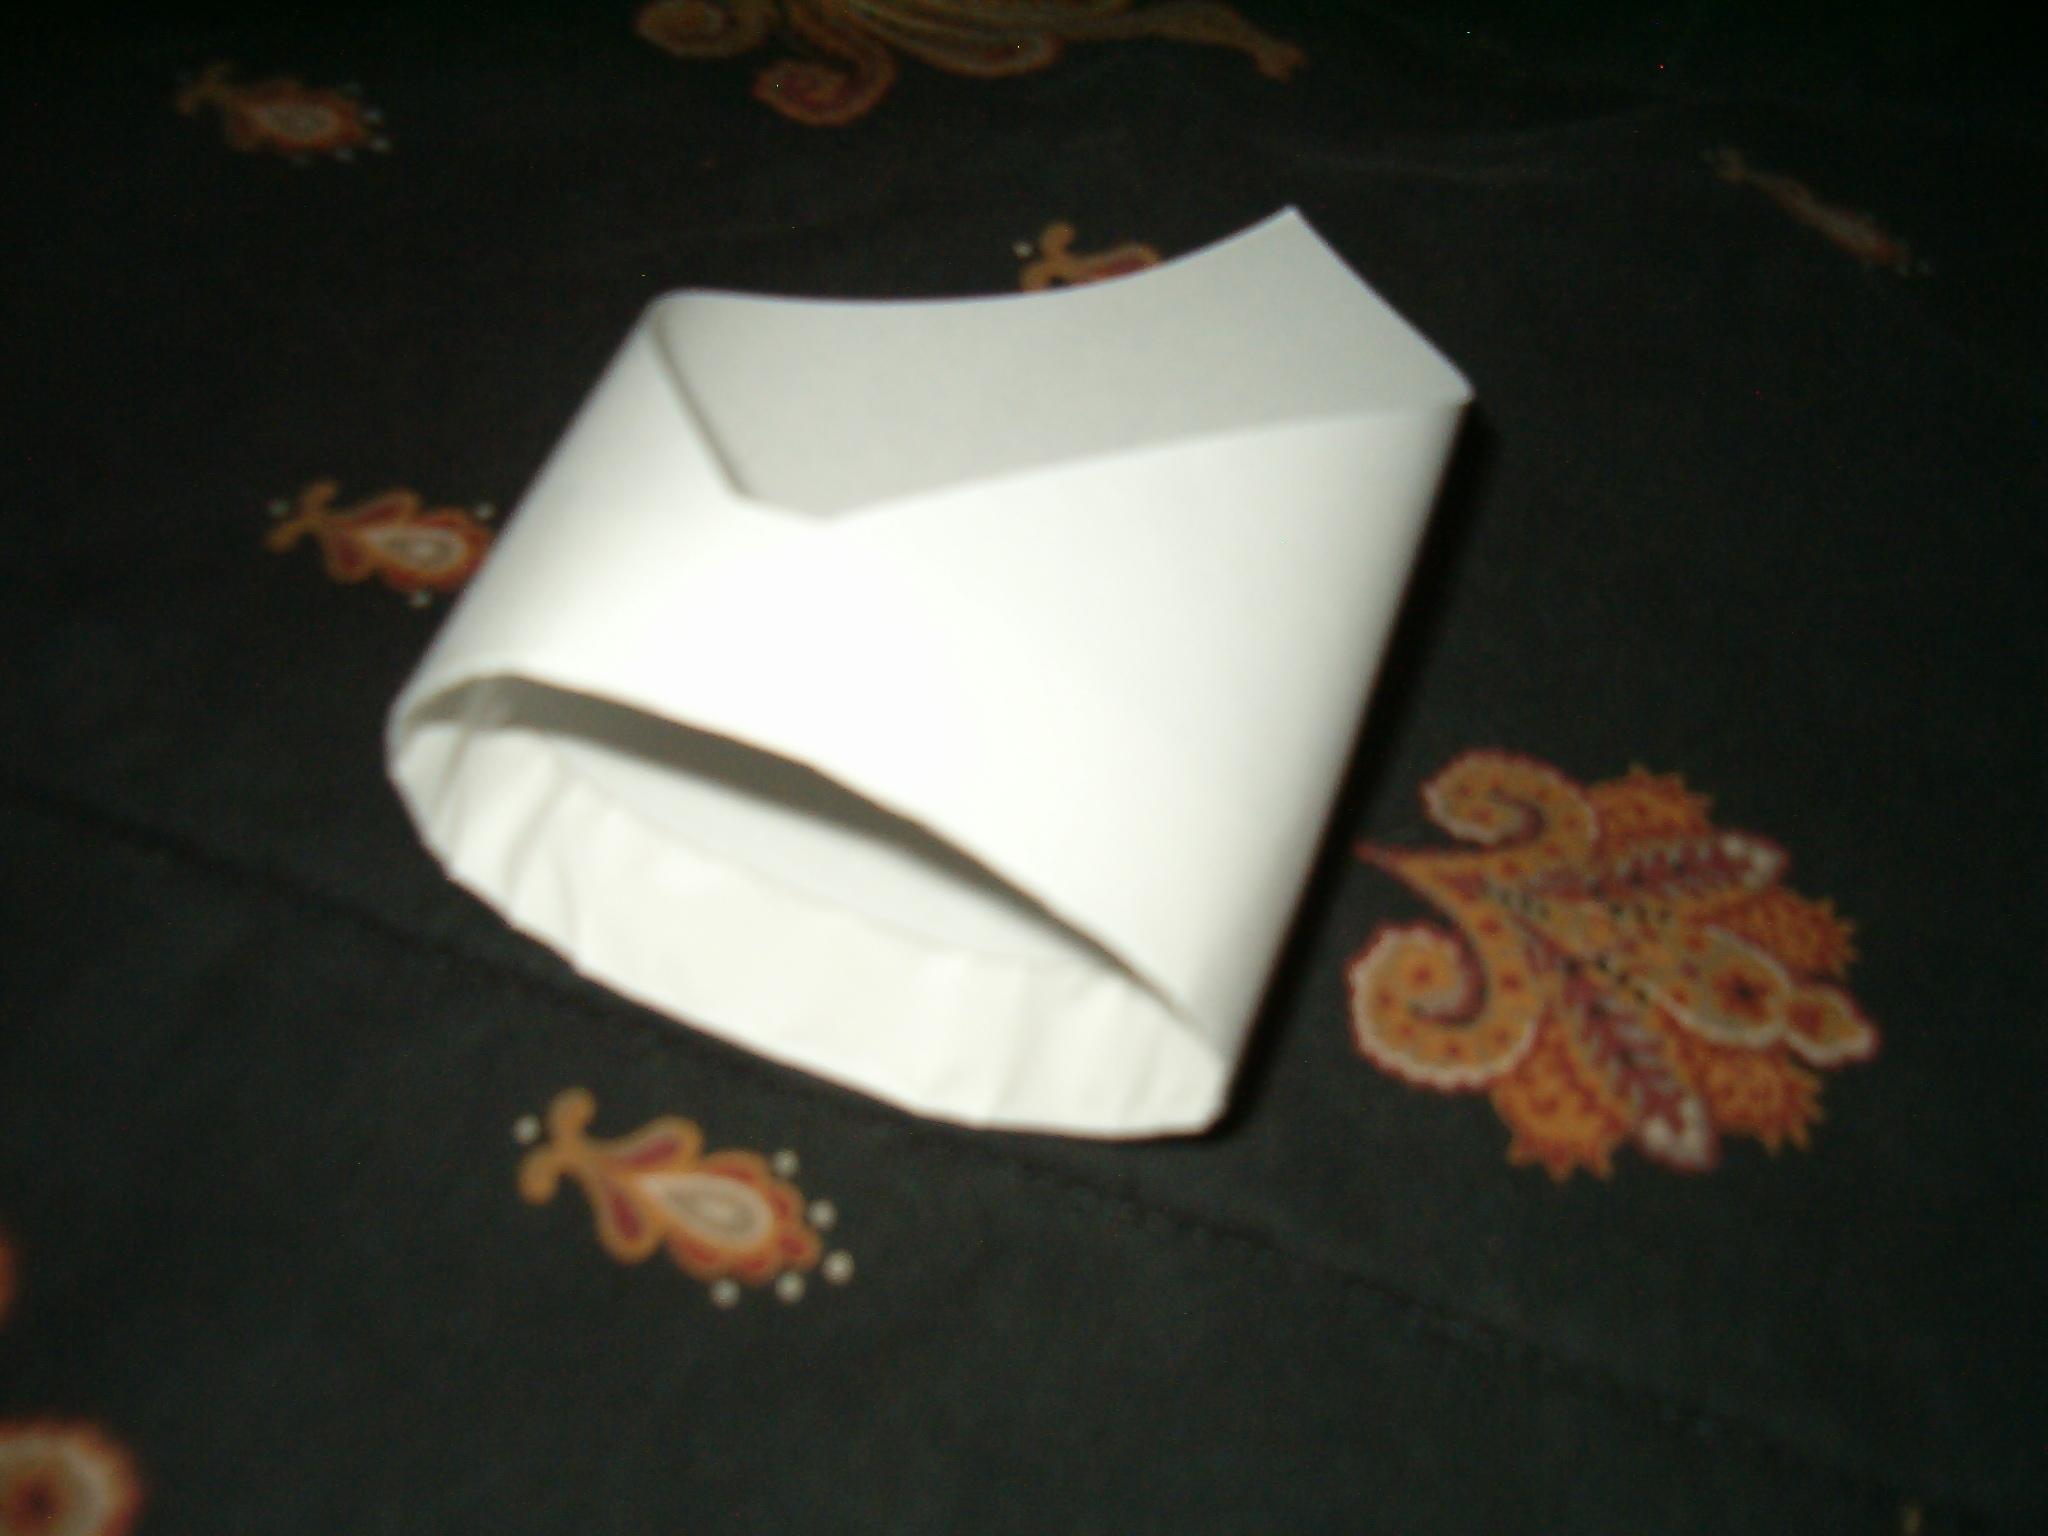 Tubular paper airplane